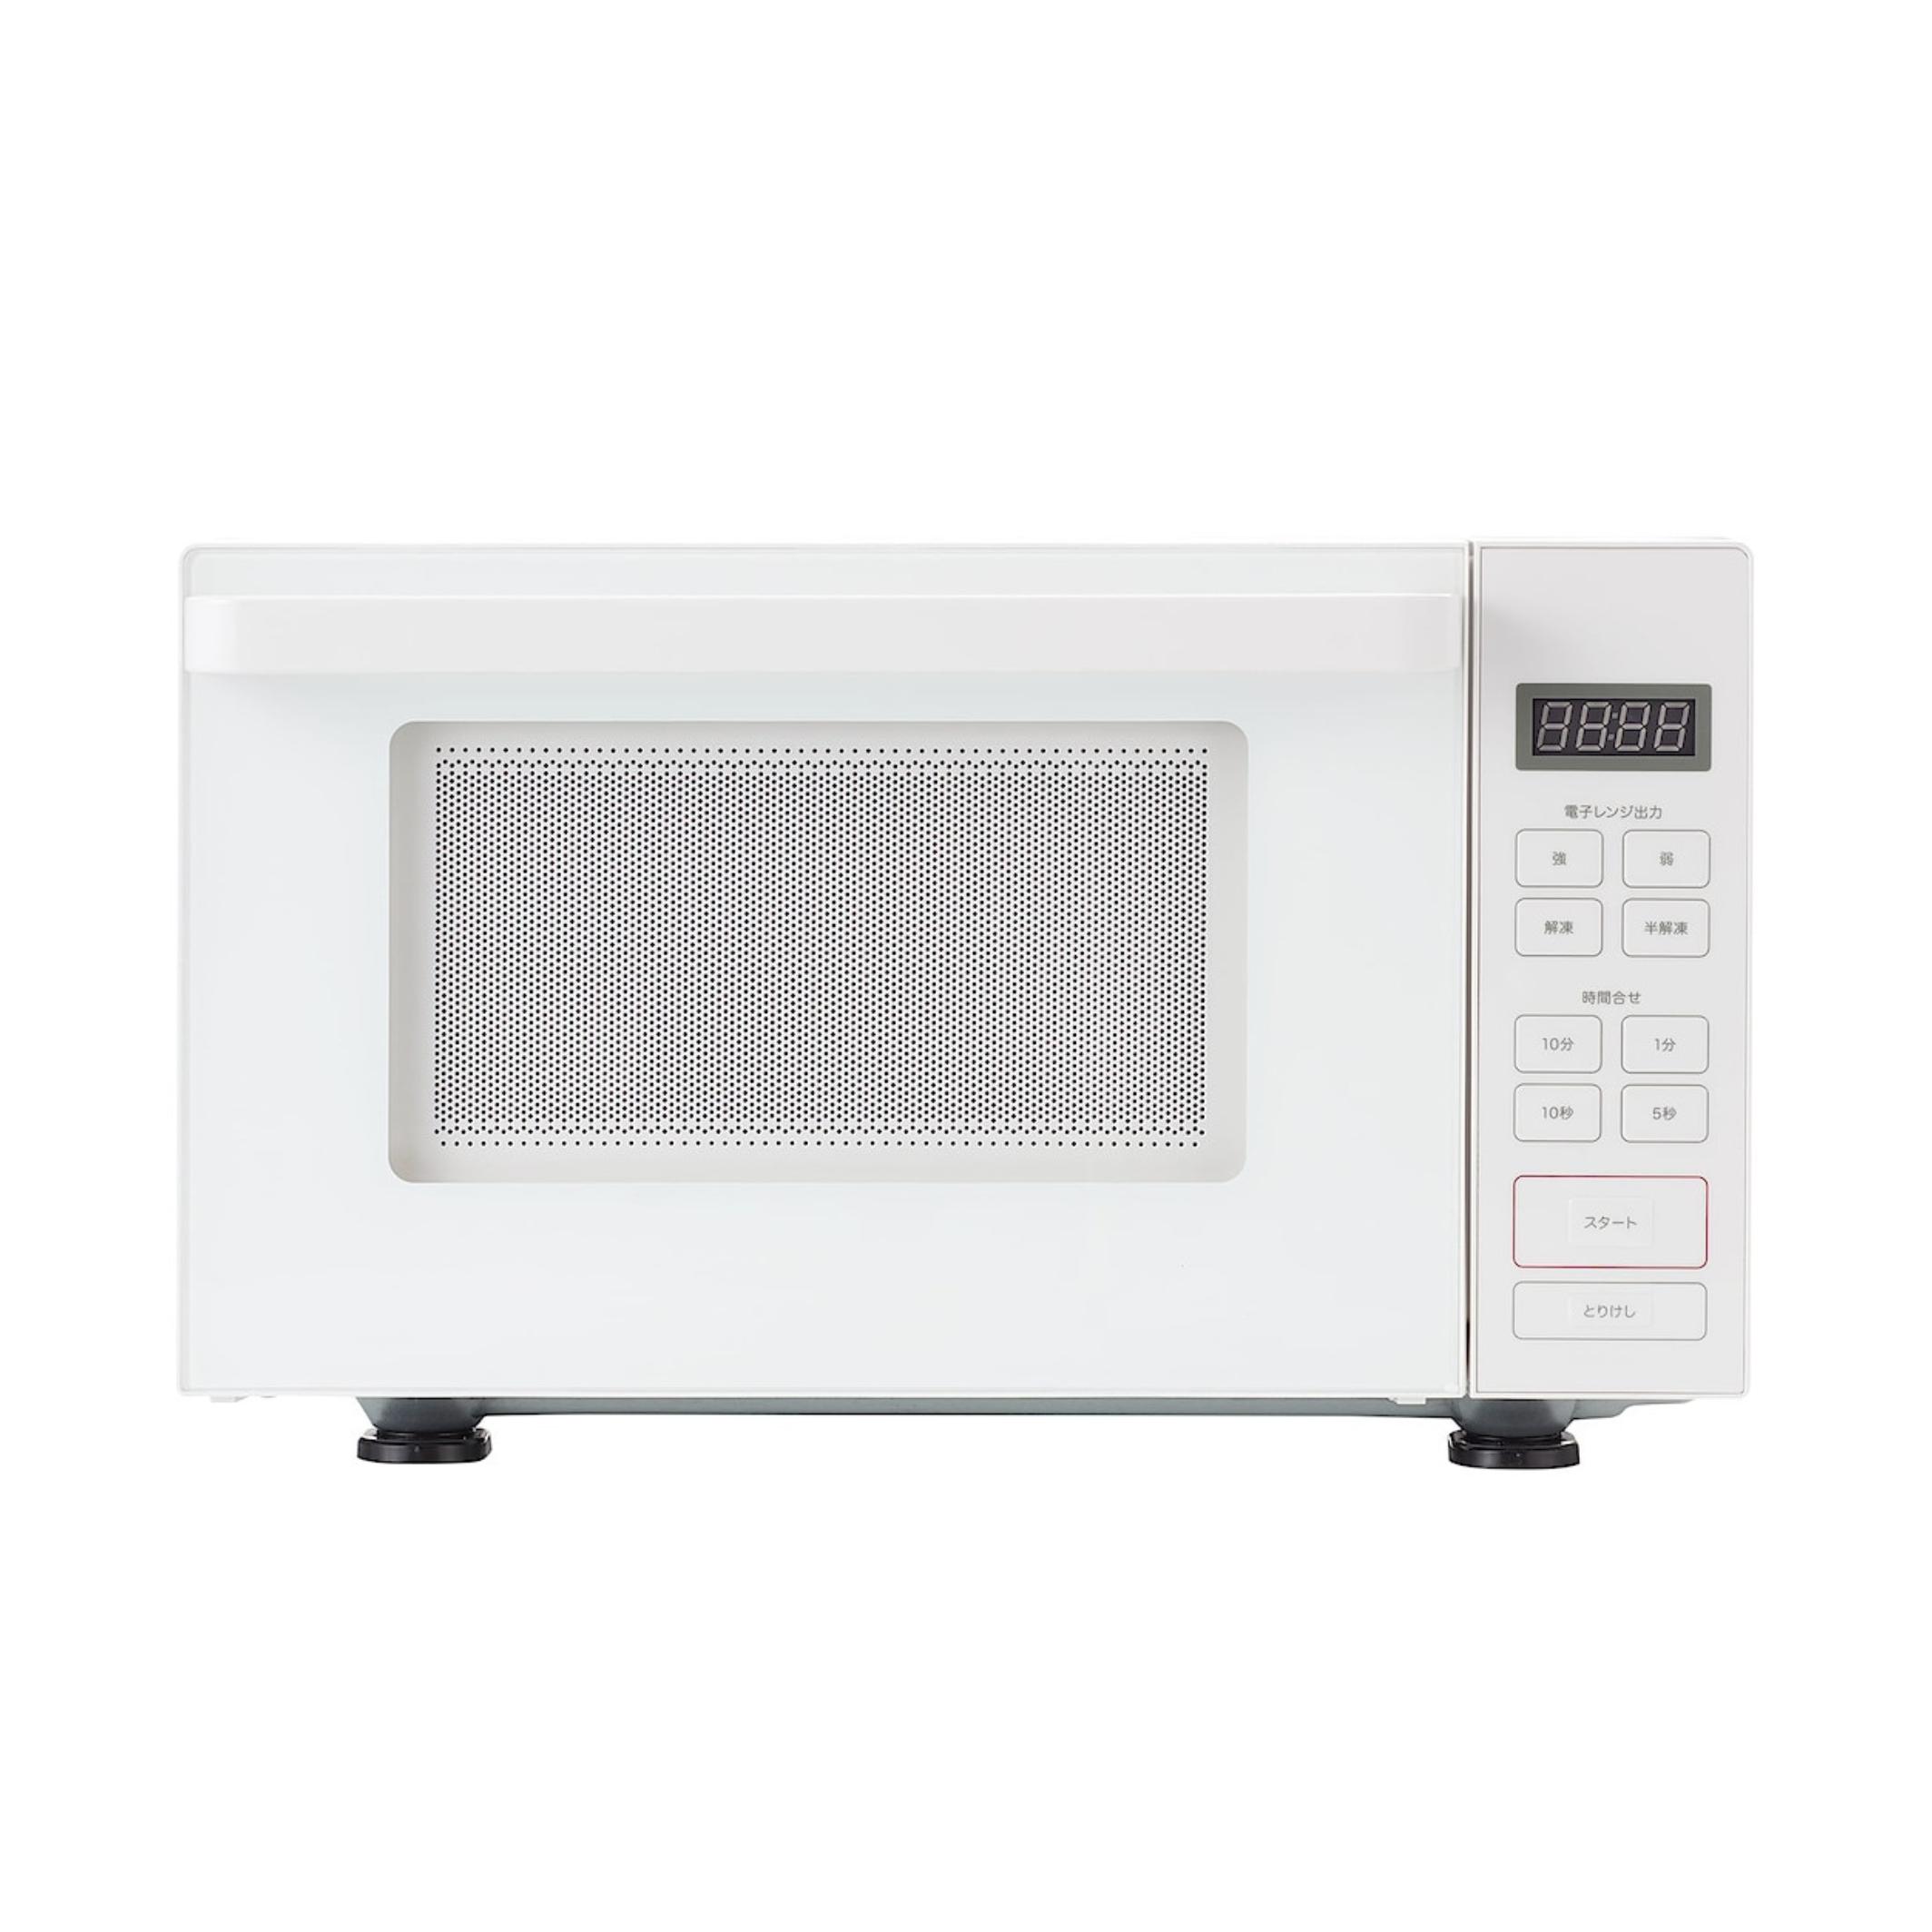 無印良品 電子レンジ・18L 型番:MJ‐SER18A